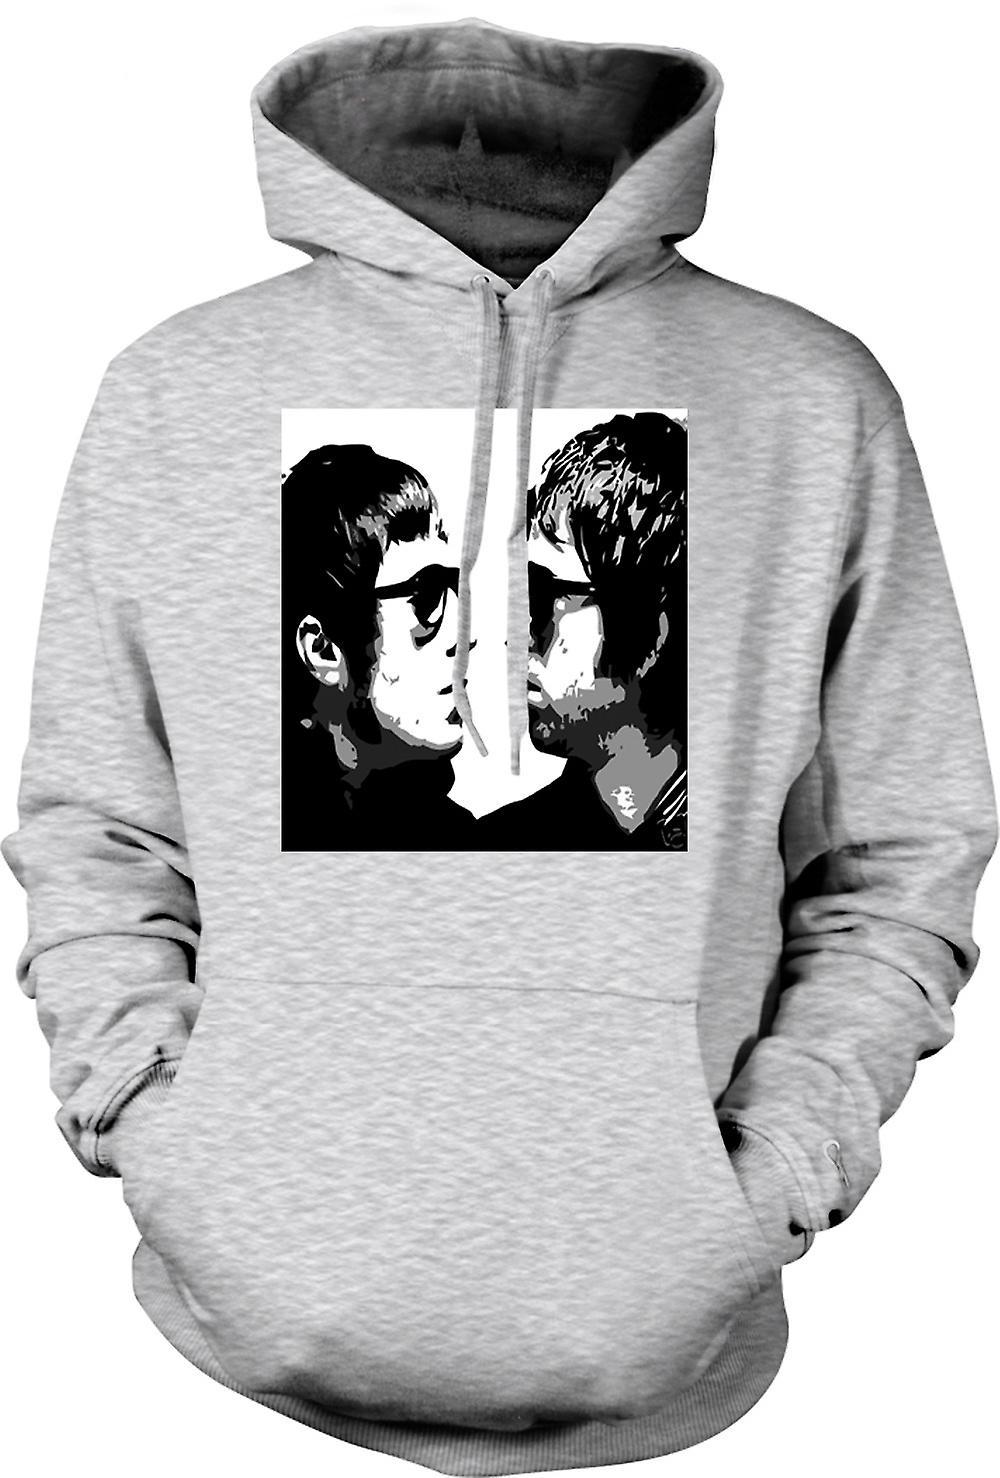 Mens Hoodie - Liam and Noel - Oasis